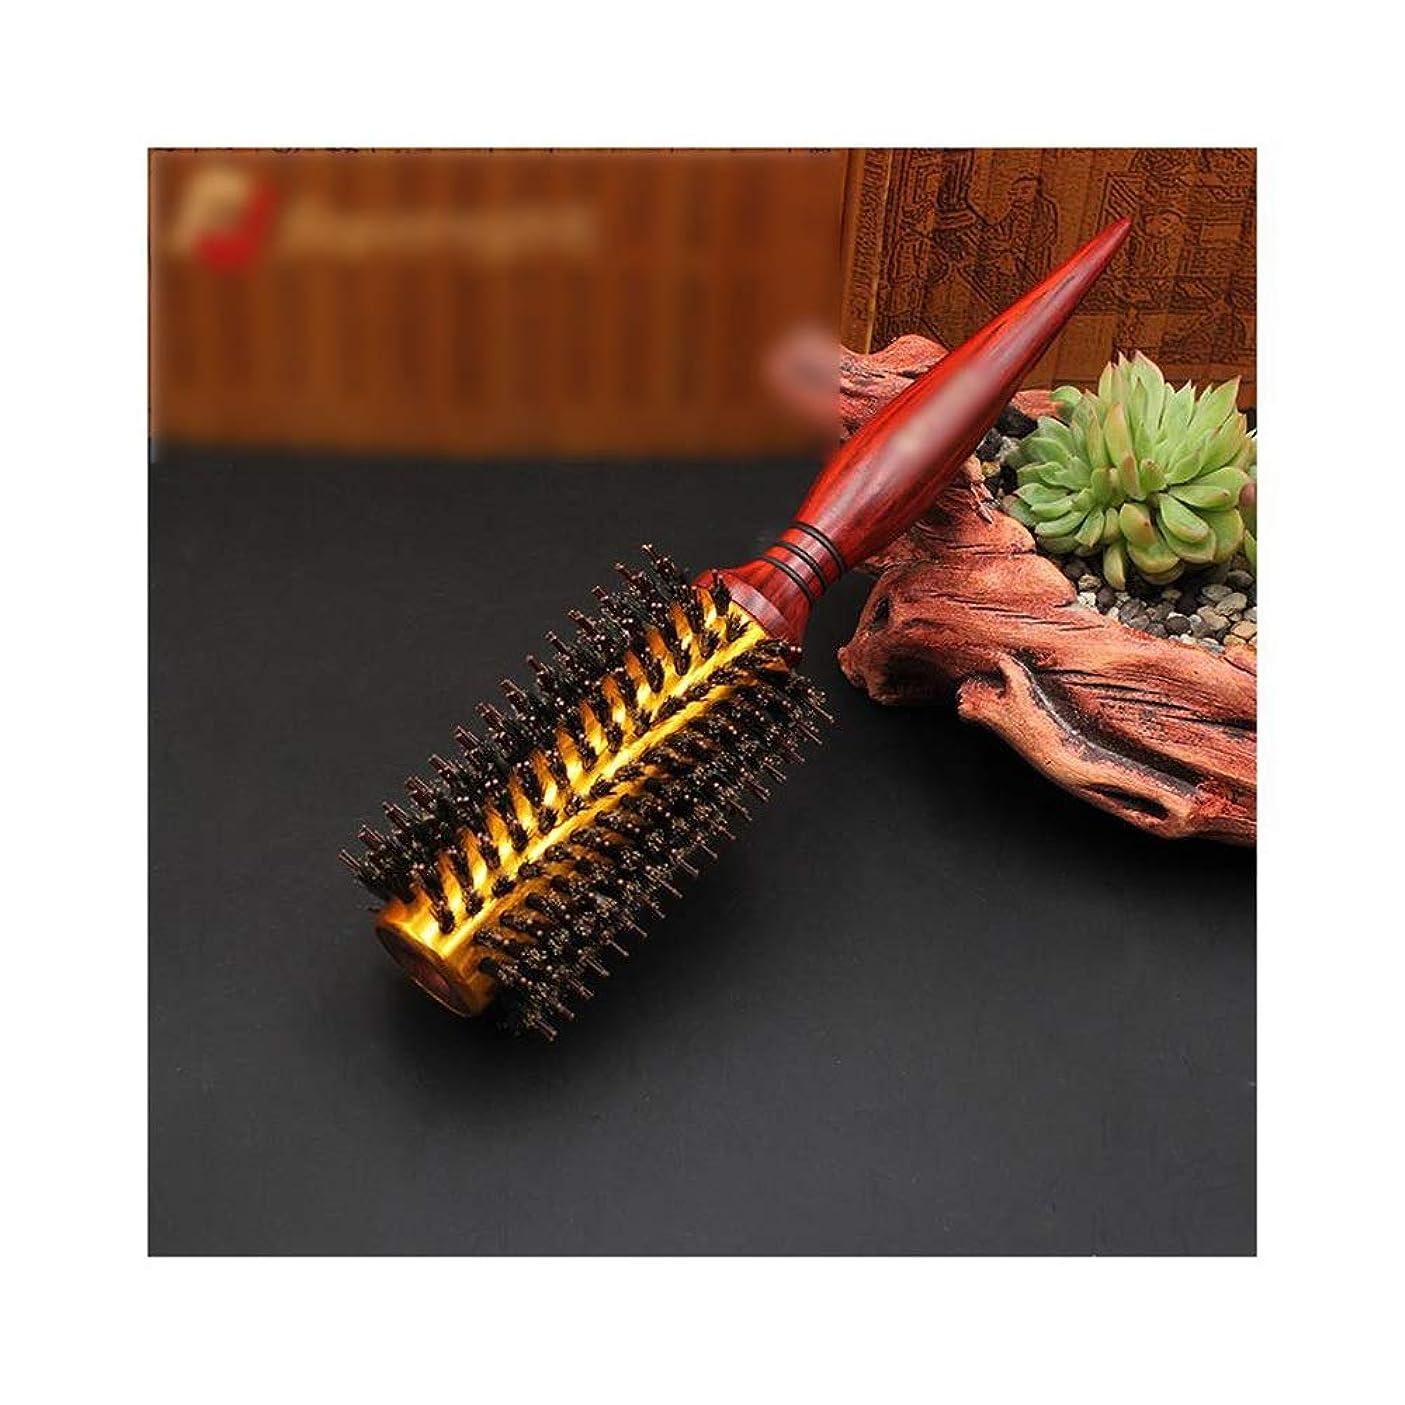 コーンごめんなさい塩辛いMakecny 剛毛の円形のスタイリングのヘアブラシ - すべてのヘアースタイルのためのロールヘアブラシ (サイズ : 12 rows)